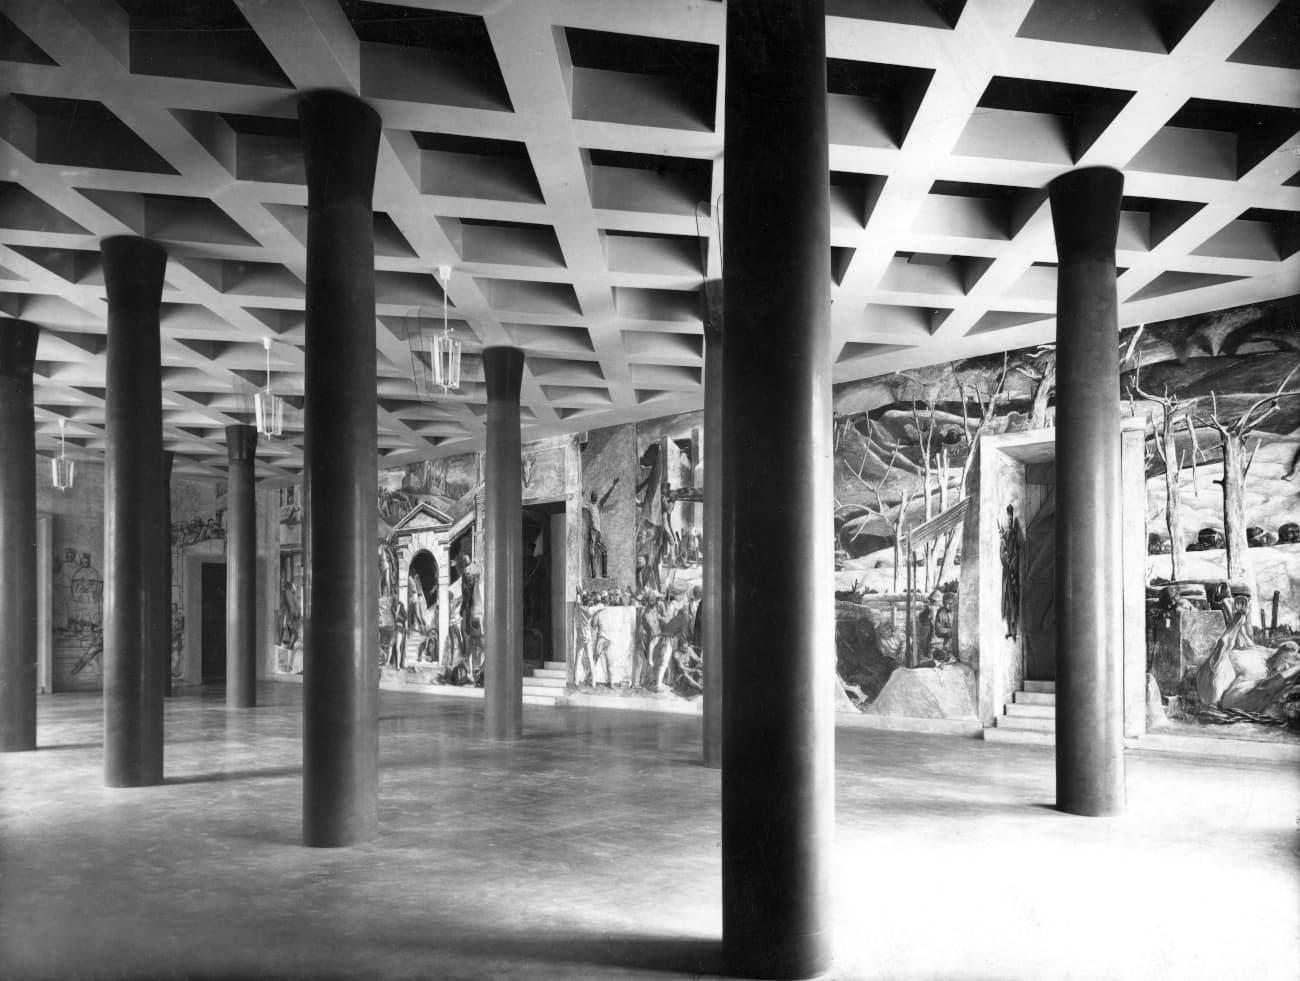 Palazzo Bo, Basilica. Progetto Gio Ponti. Sulle pareti il grande ciclo pittorico a fresco di Pino Casarini. A soffitto lampadari di Fontana.